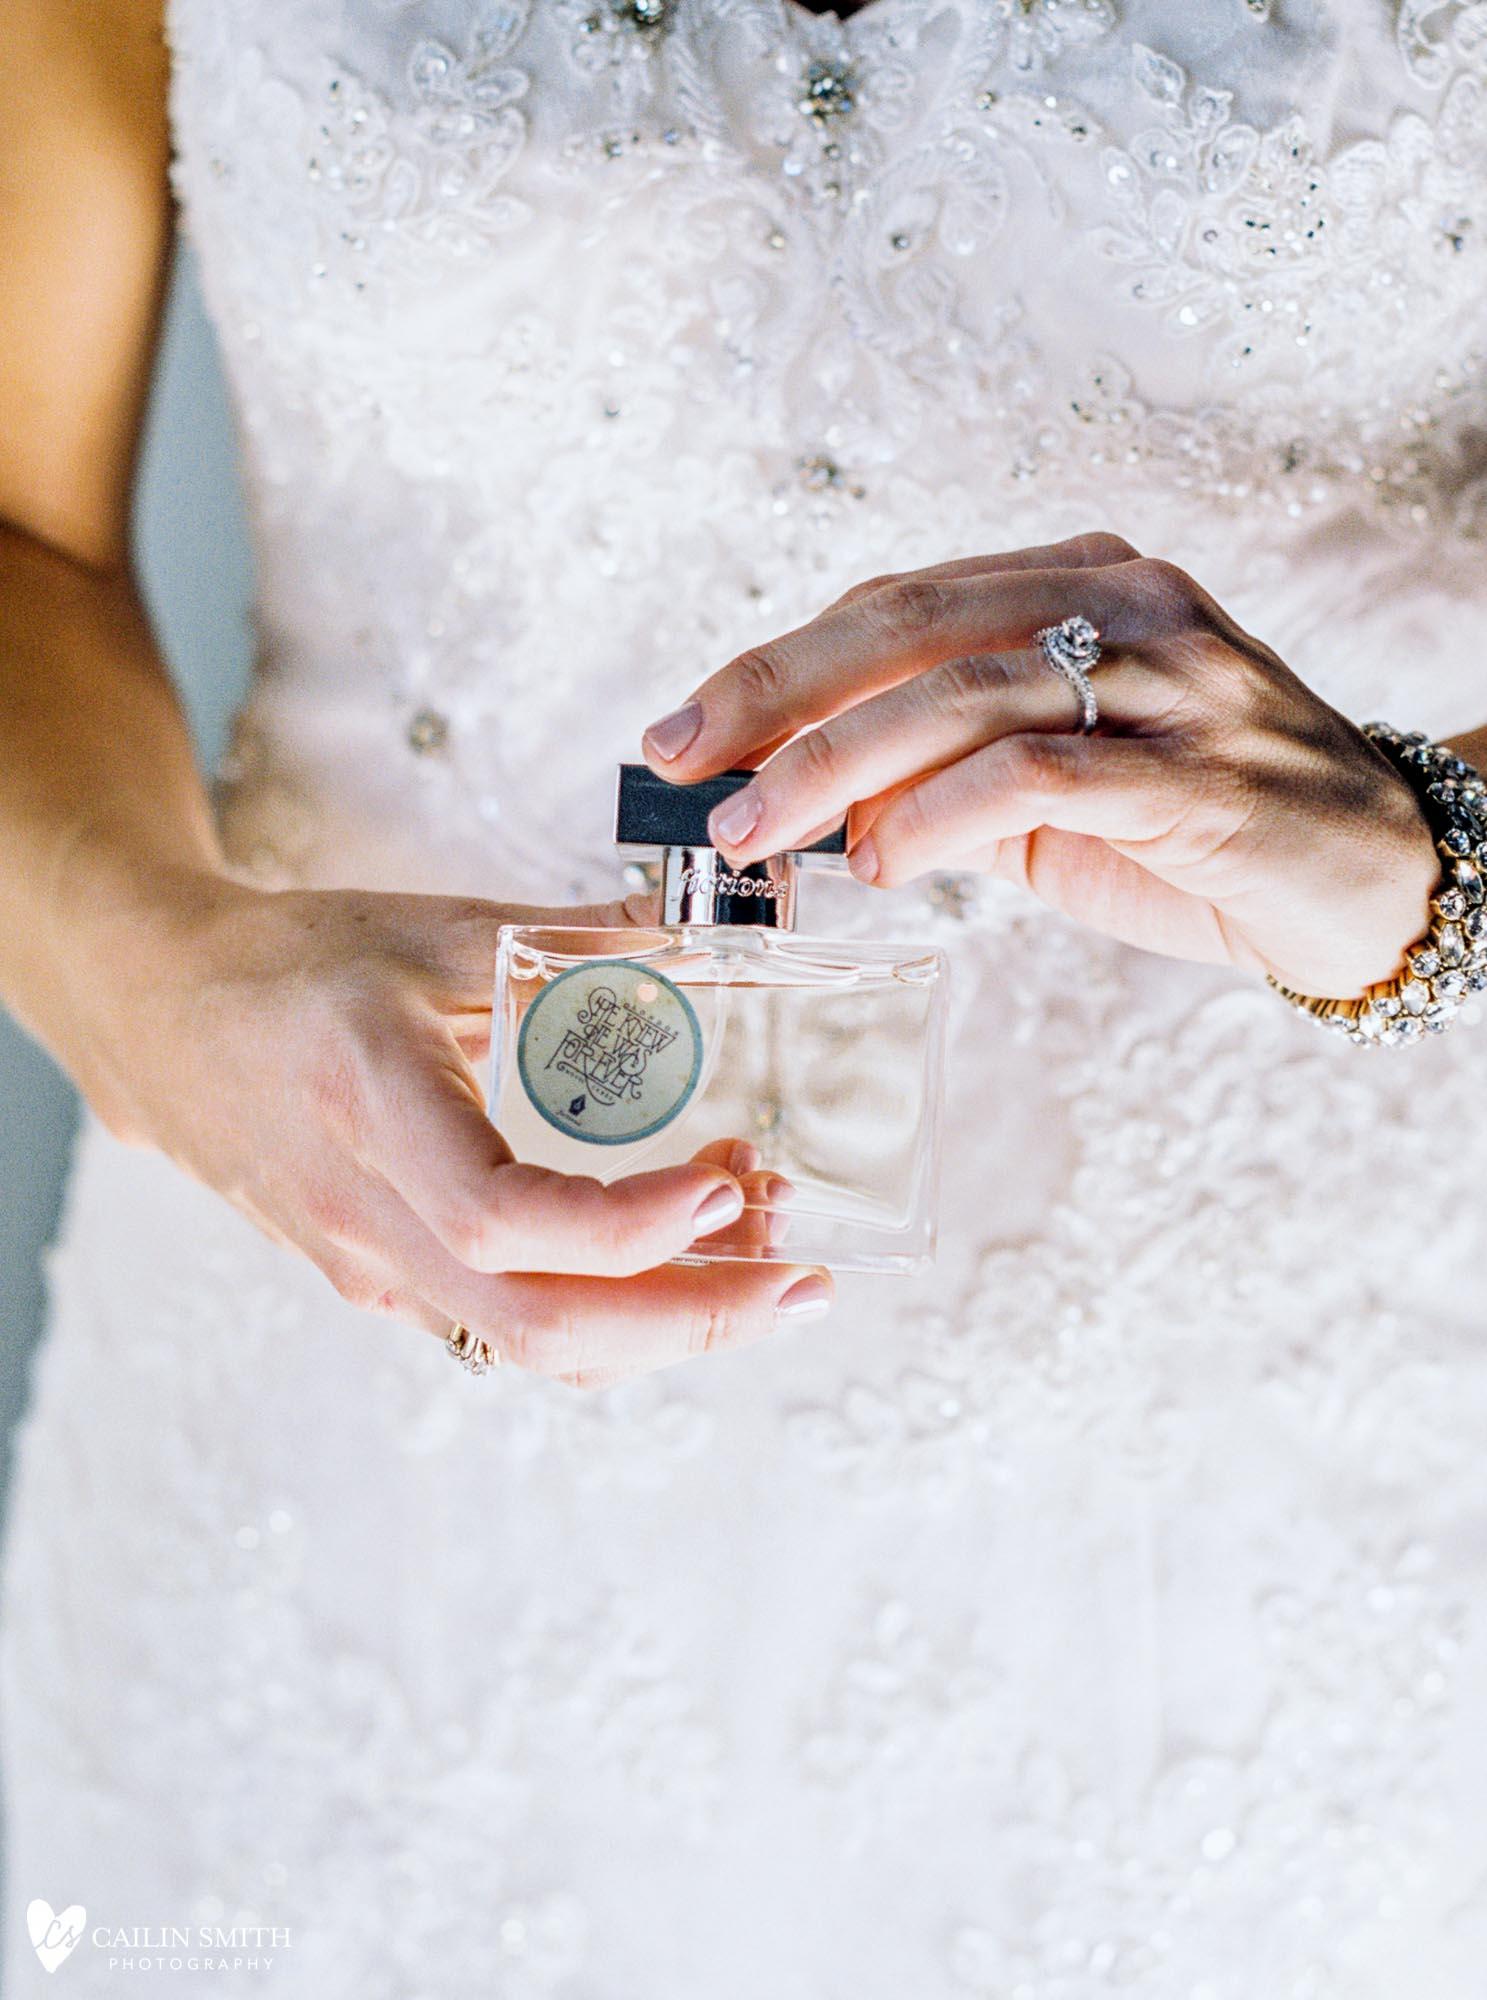 Leah_Major_St_Marys_Wedding_Photography_018.jpg